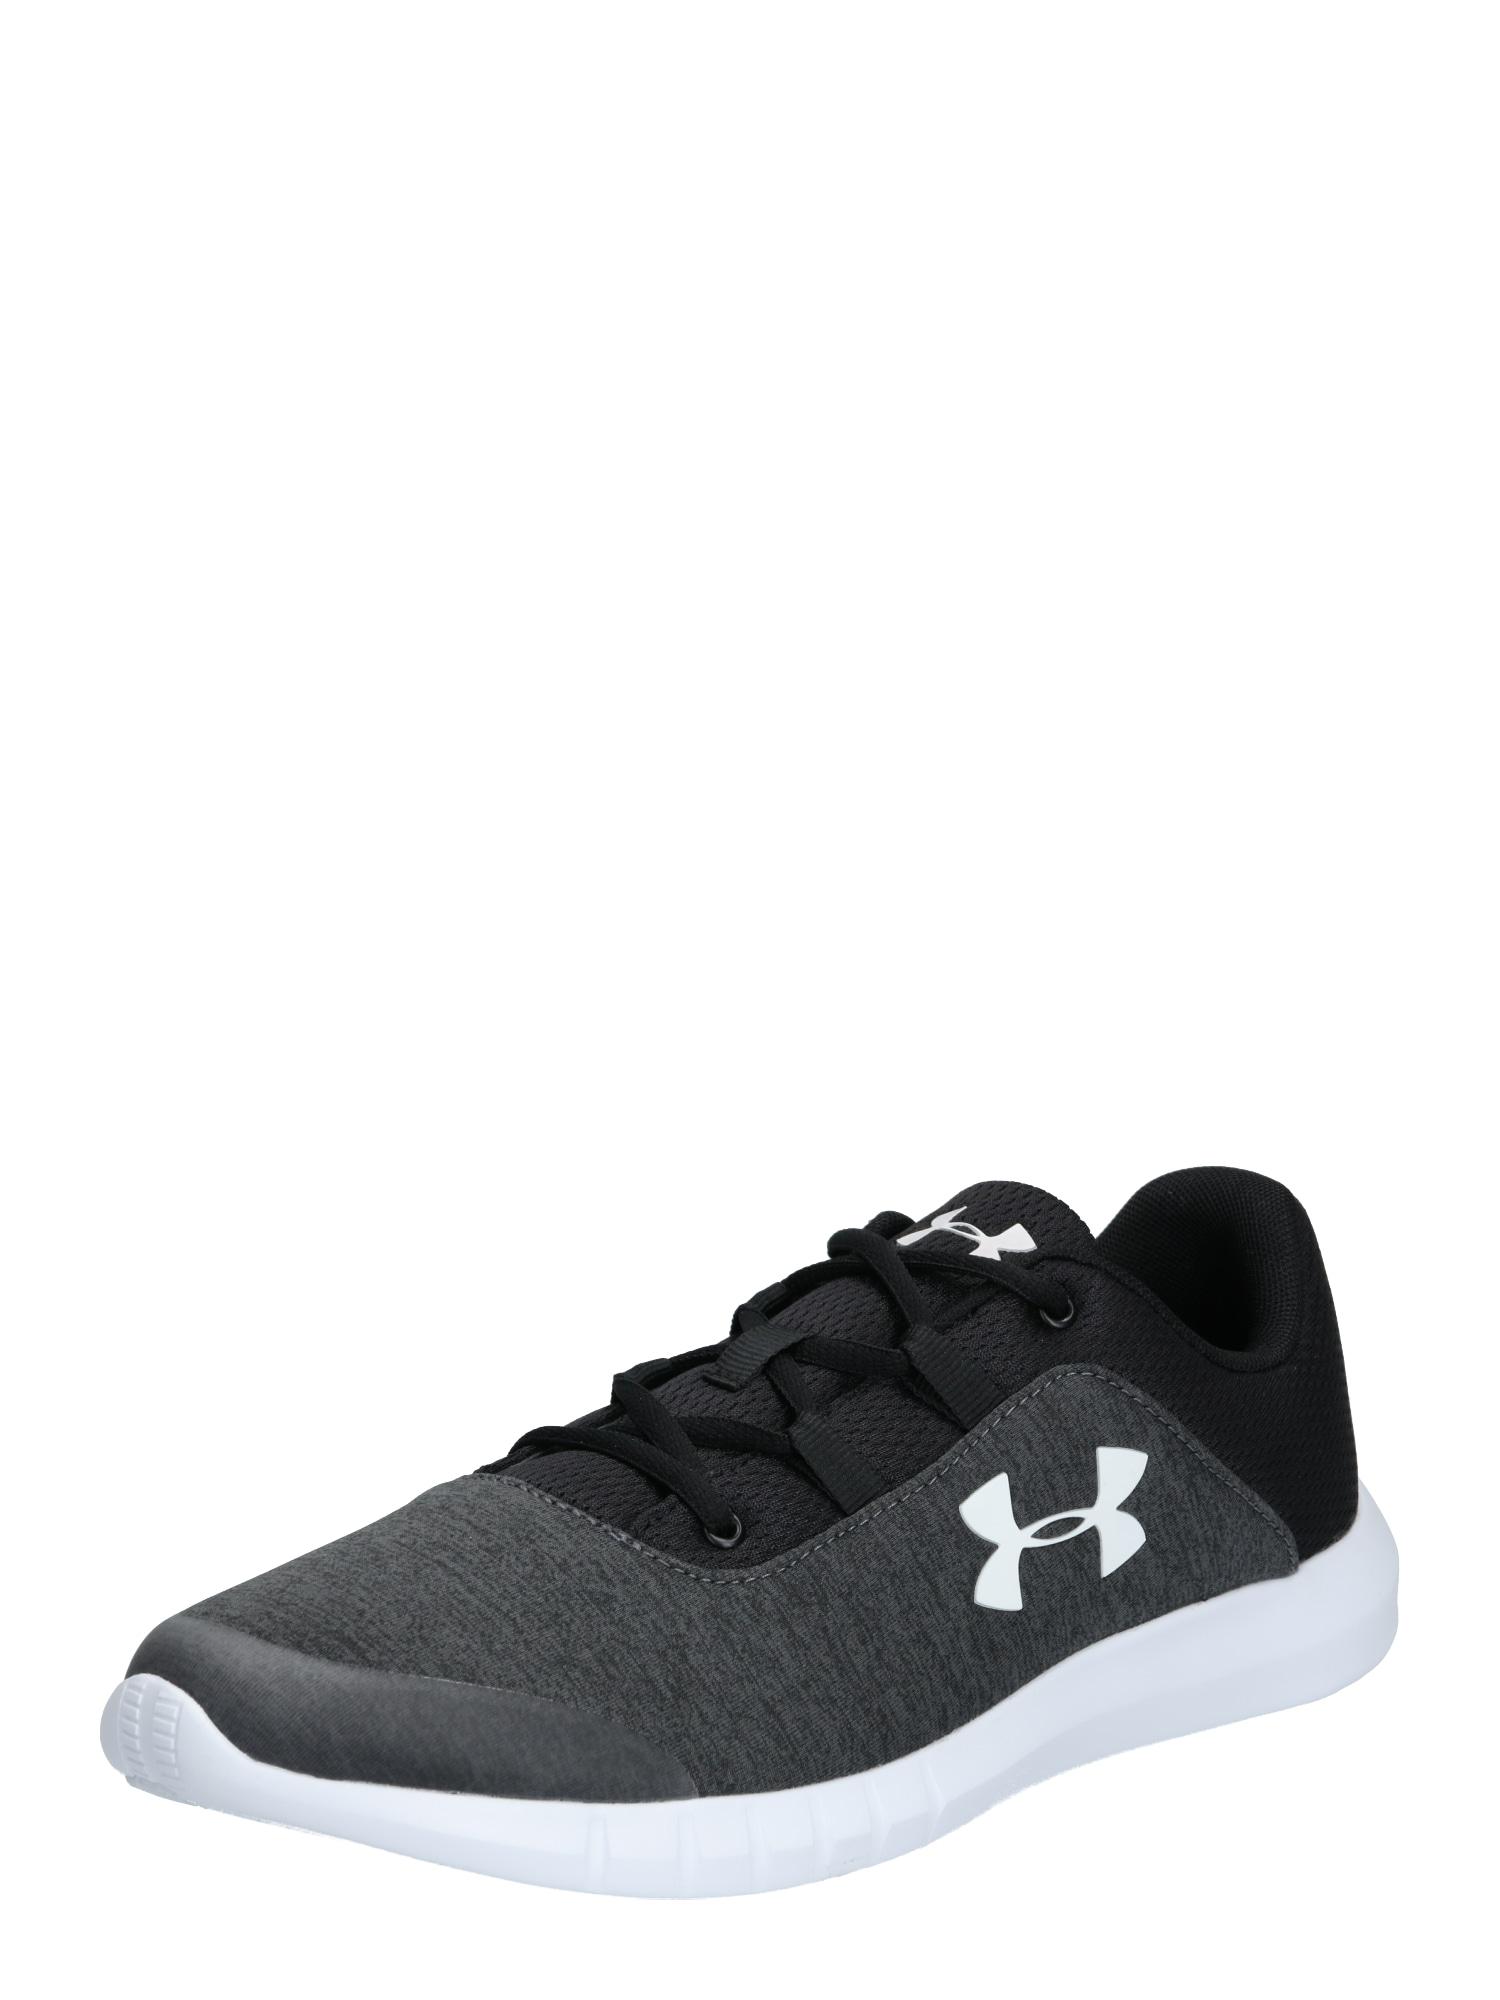 UNDER ARMOUR Sportiniai batai 'Mojo' balta / juoda